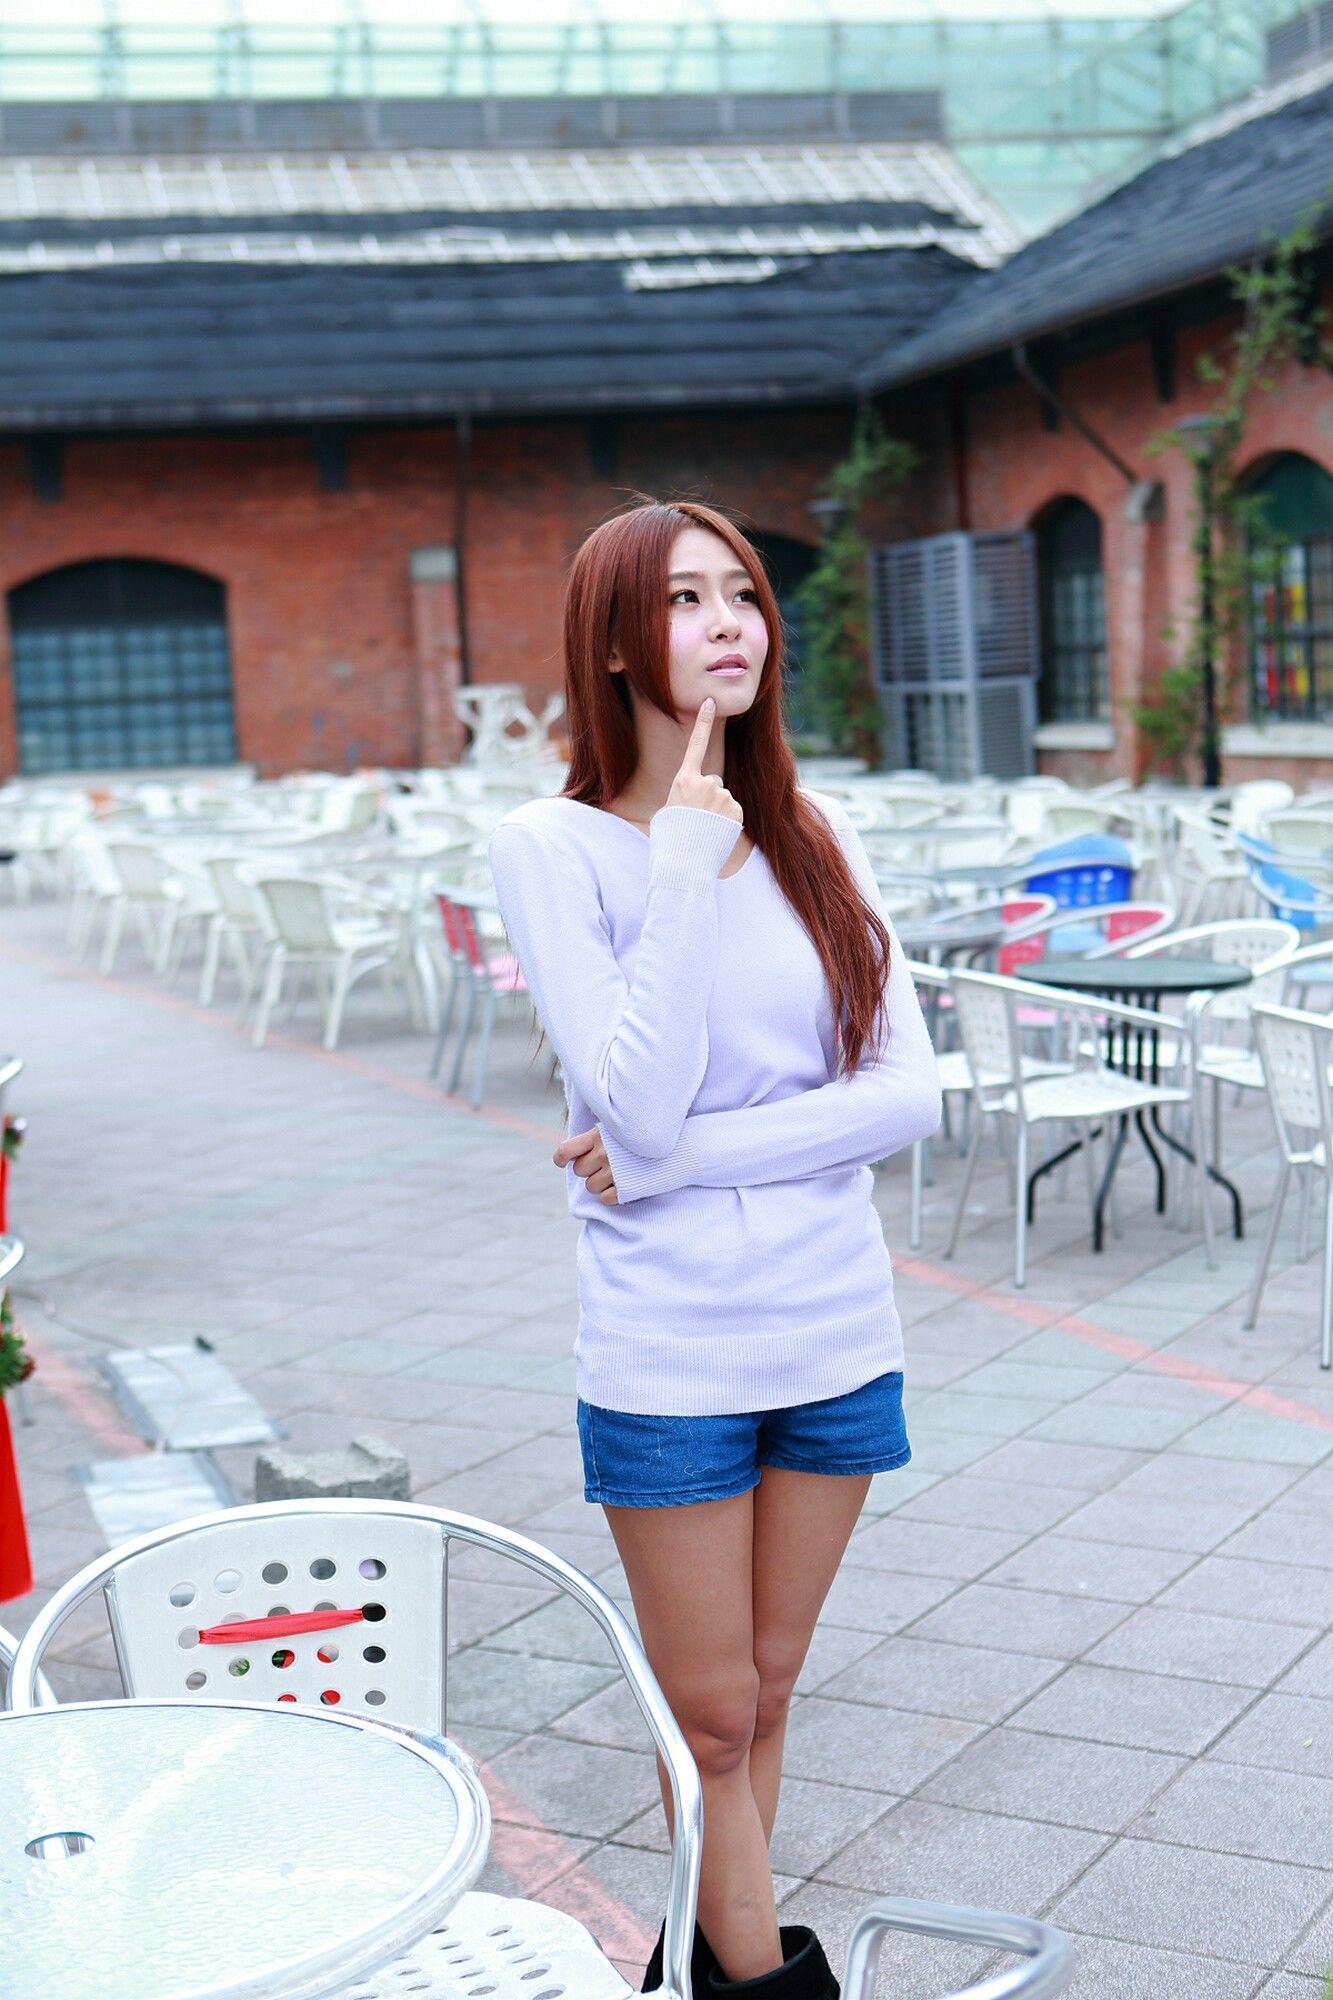 VOL.405 [台湾正妹]美腿街拍阳光正妹:Winnie小雪(庄咏惠,庄温妮,腿模Winnie)超高清个人性感漂亮大图(69P)